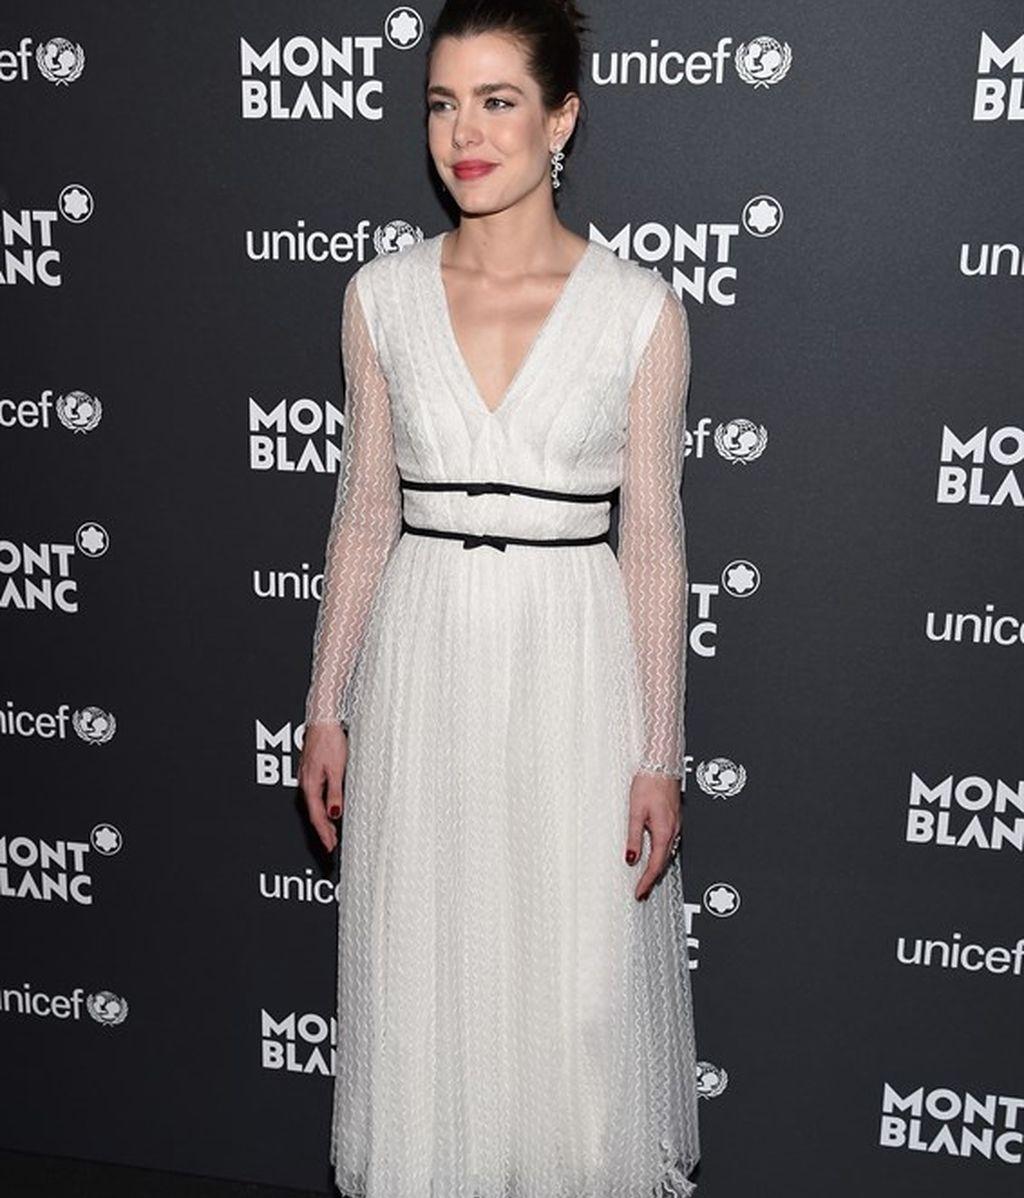 Carlota Casiraghi en la gala Unicef Montblanc 2017, en Nueva York